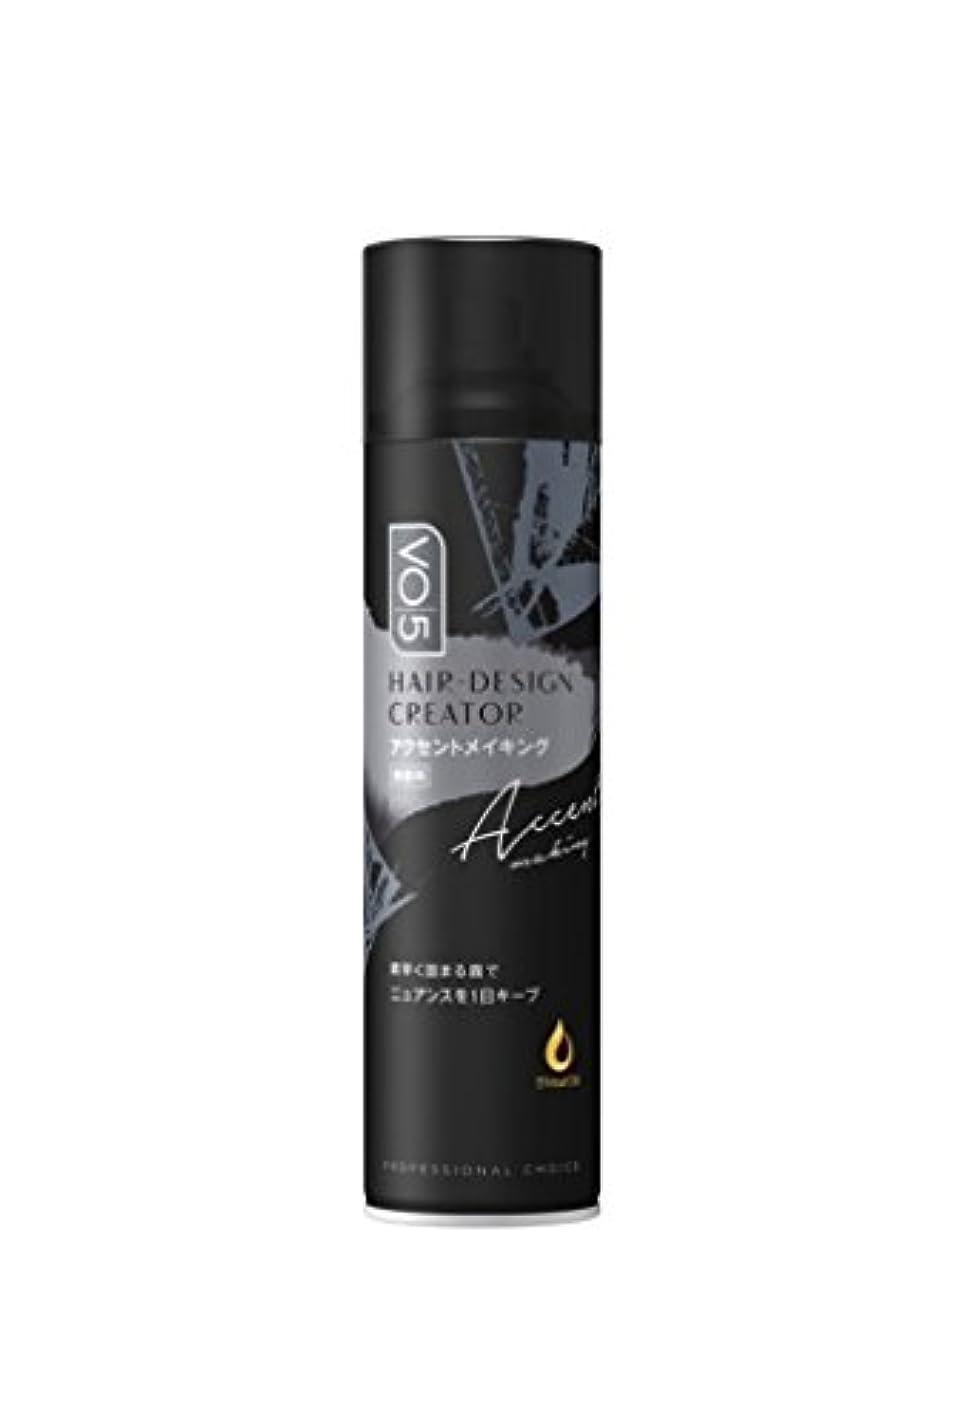 簡略化する心のこもったシンプトンVO5ヘアデザインクリエイター[アクセントメイキング]無香料160g